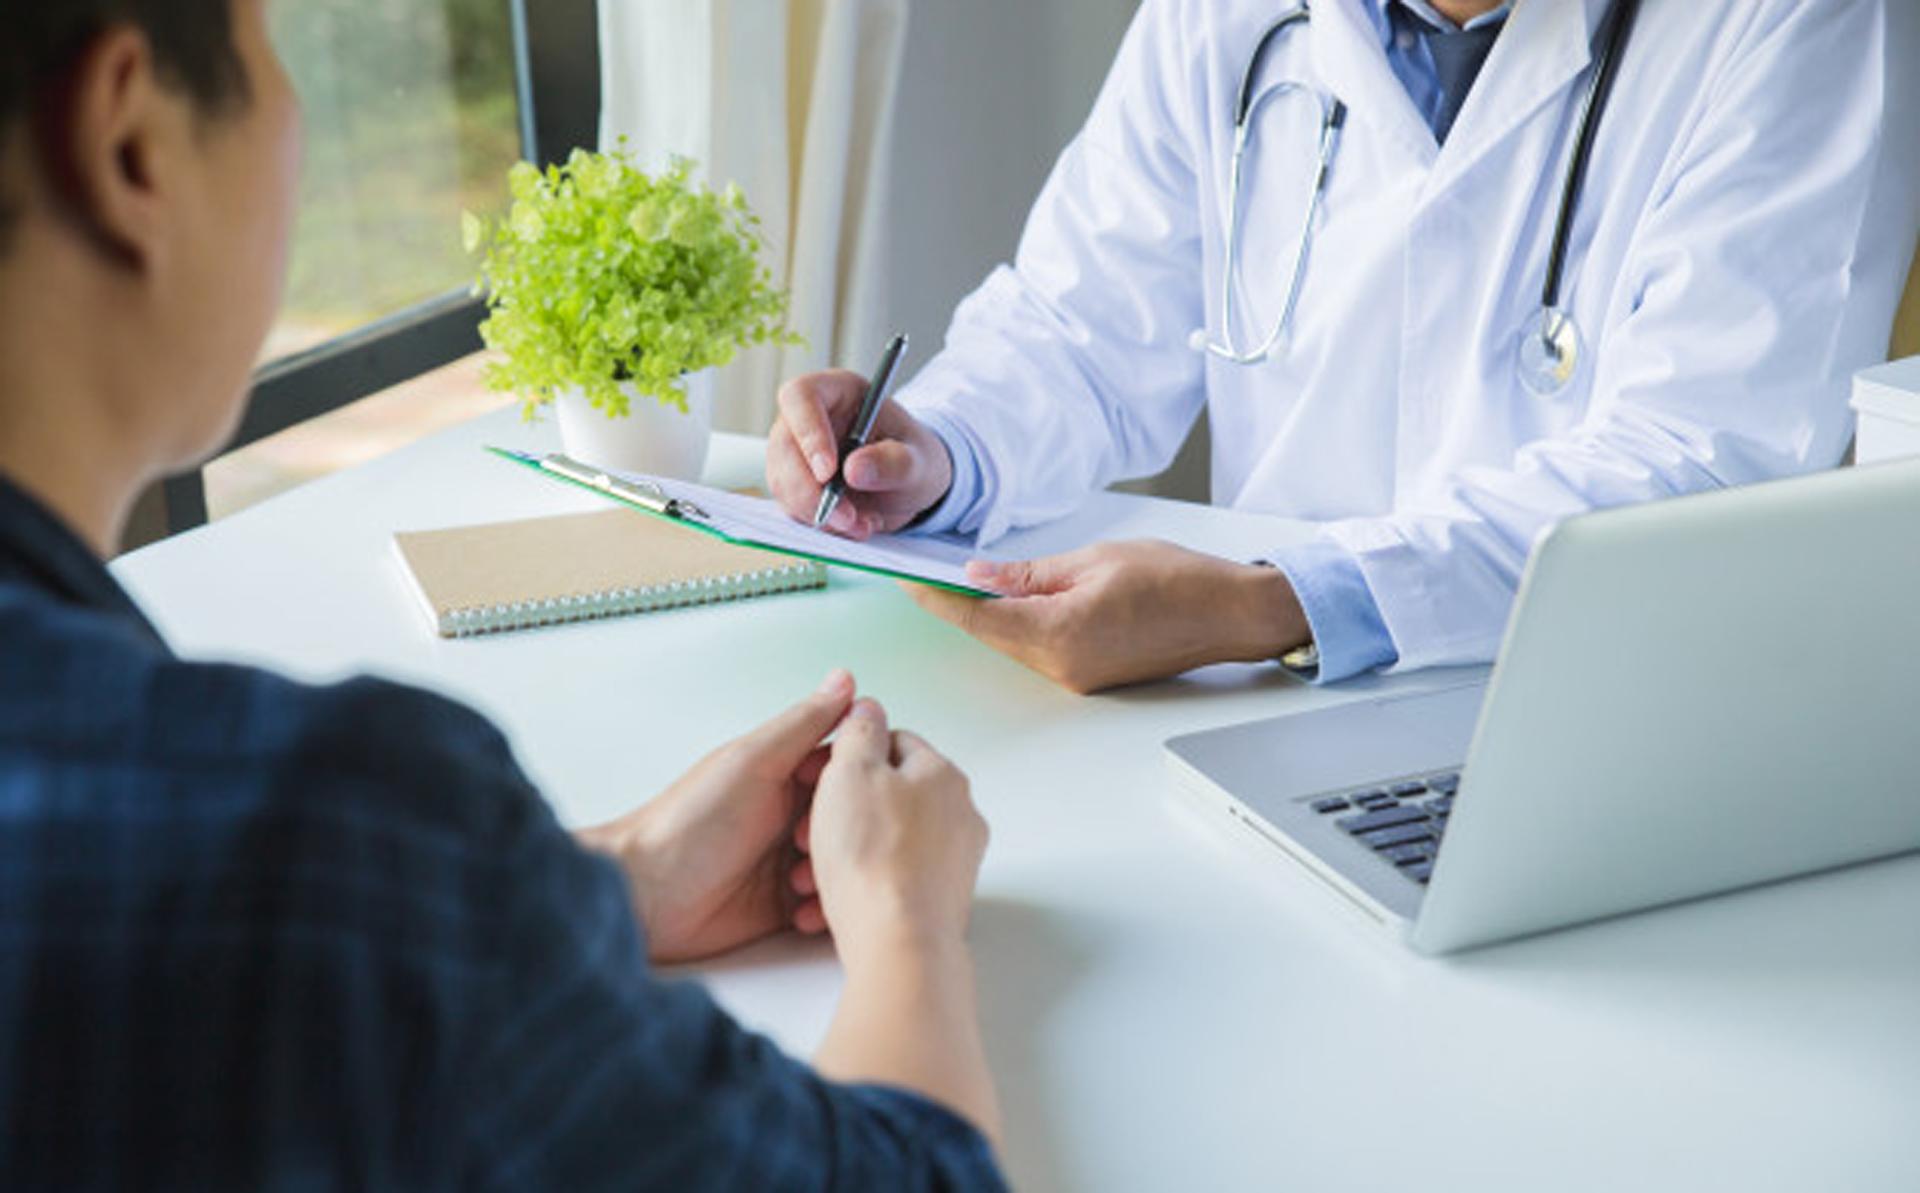 Consulta médica | Brumed